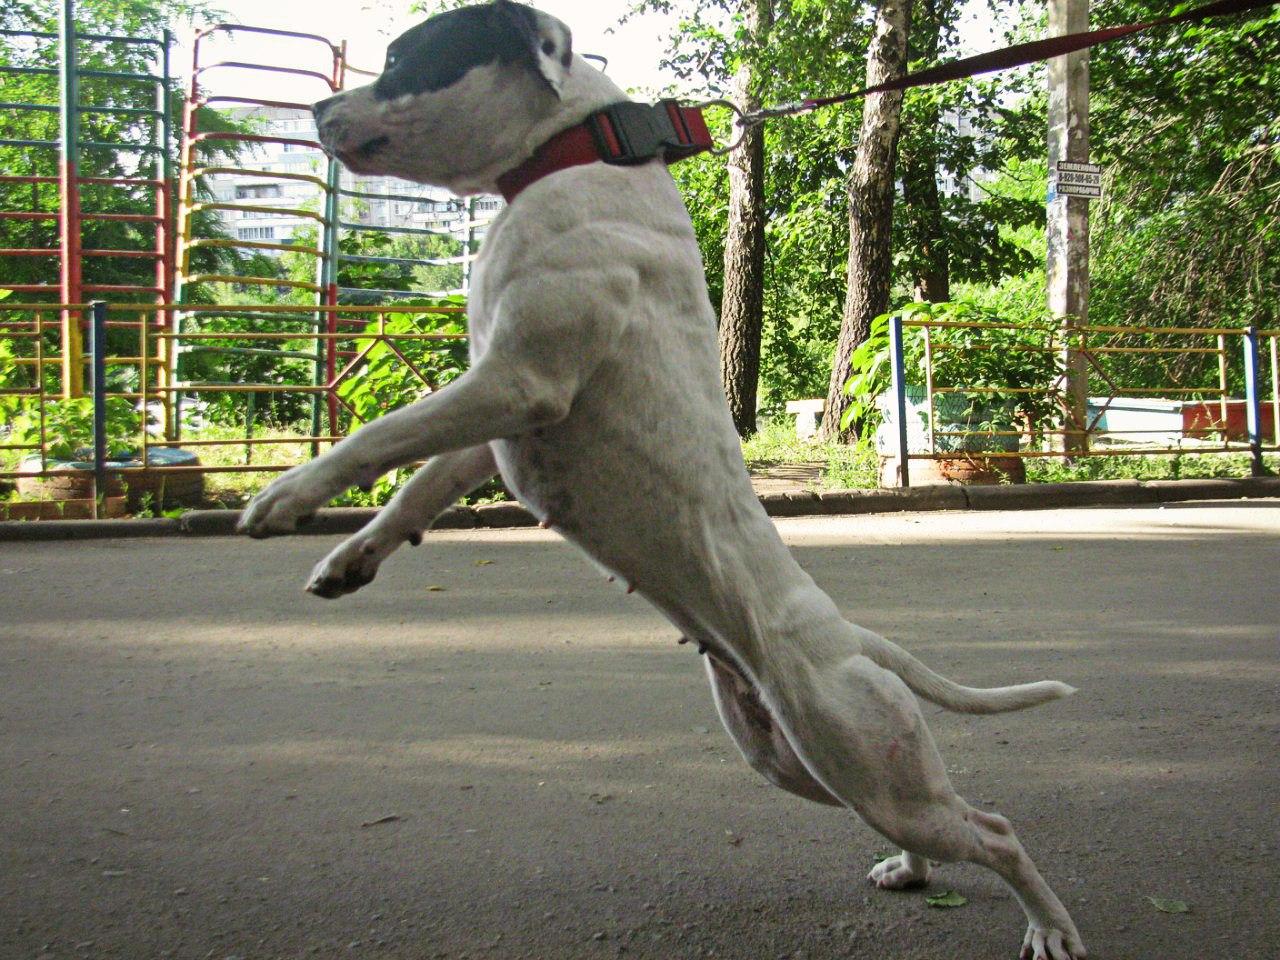 Питомник питбультерьеров Dog Arena I8v8e6_S-kY